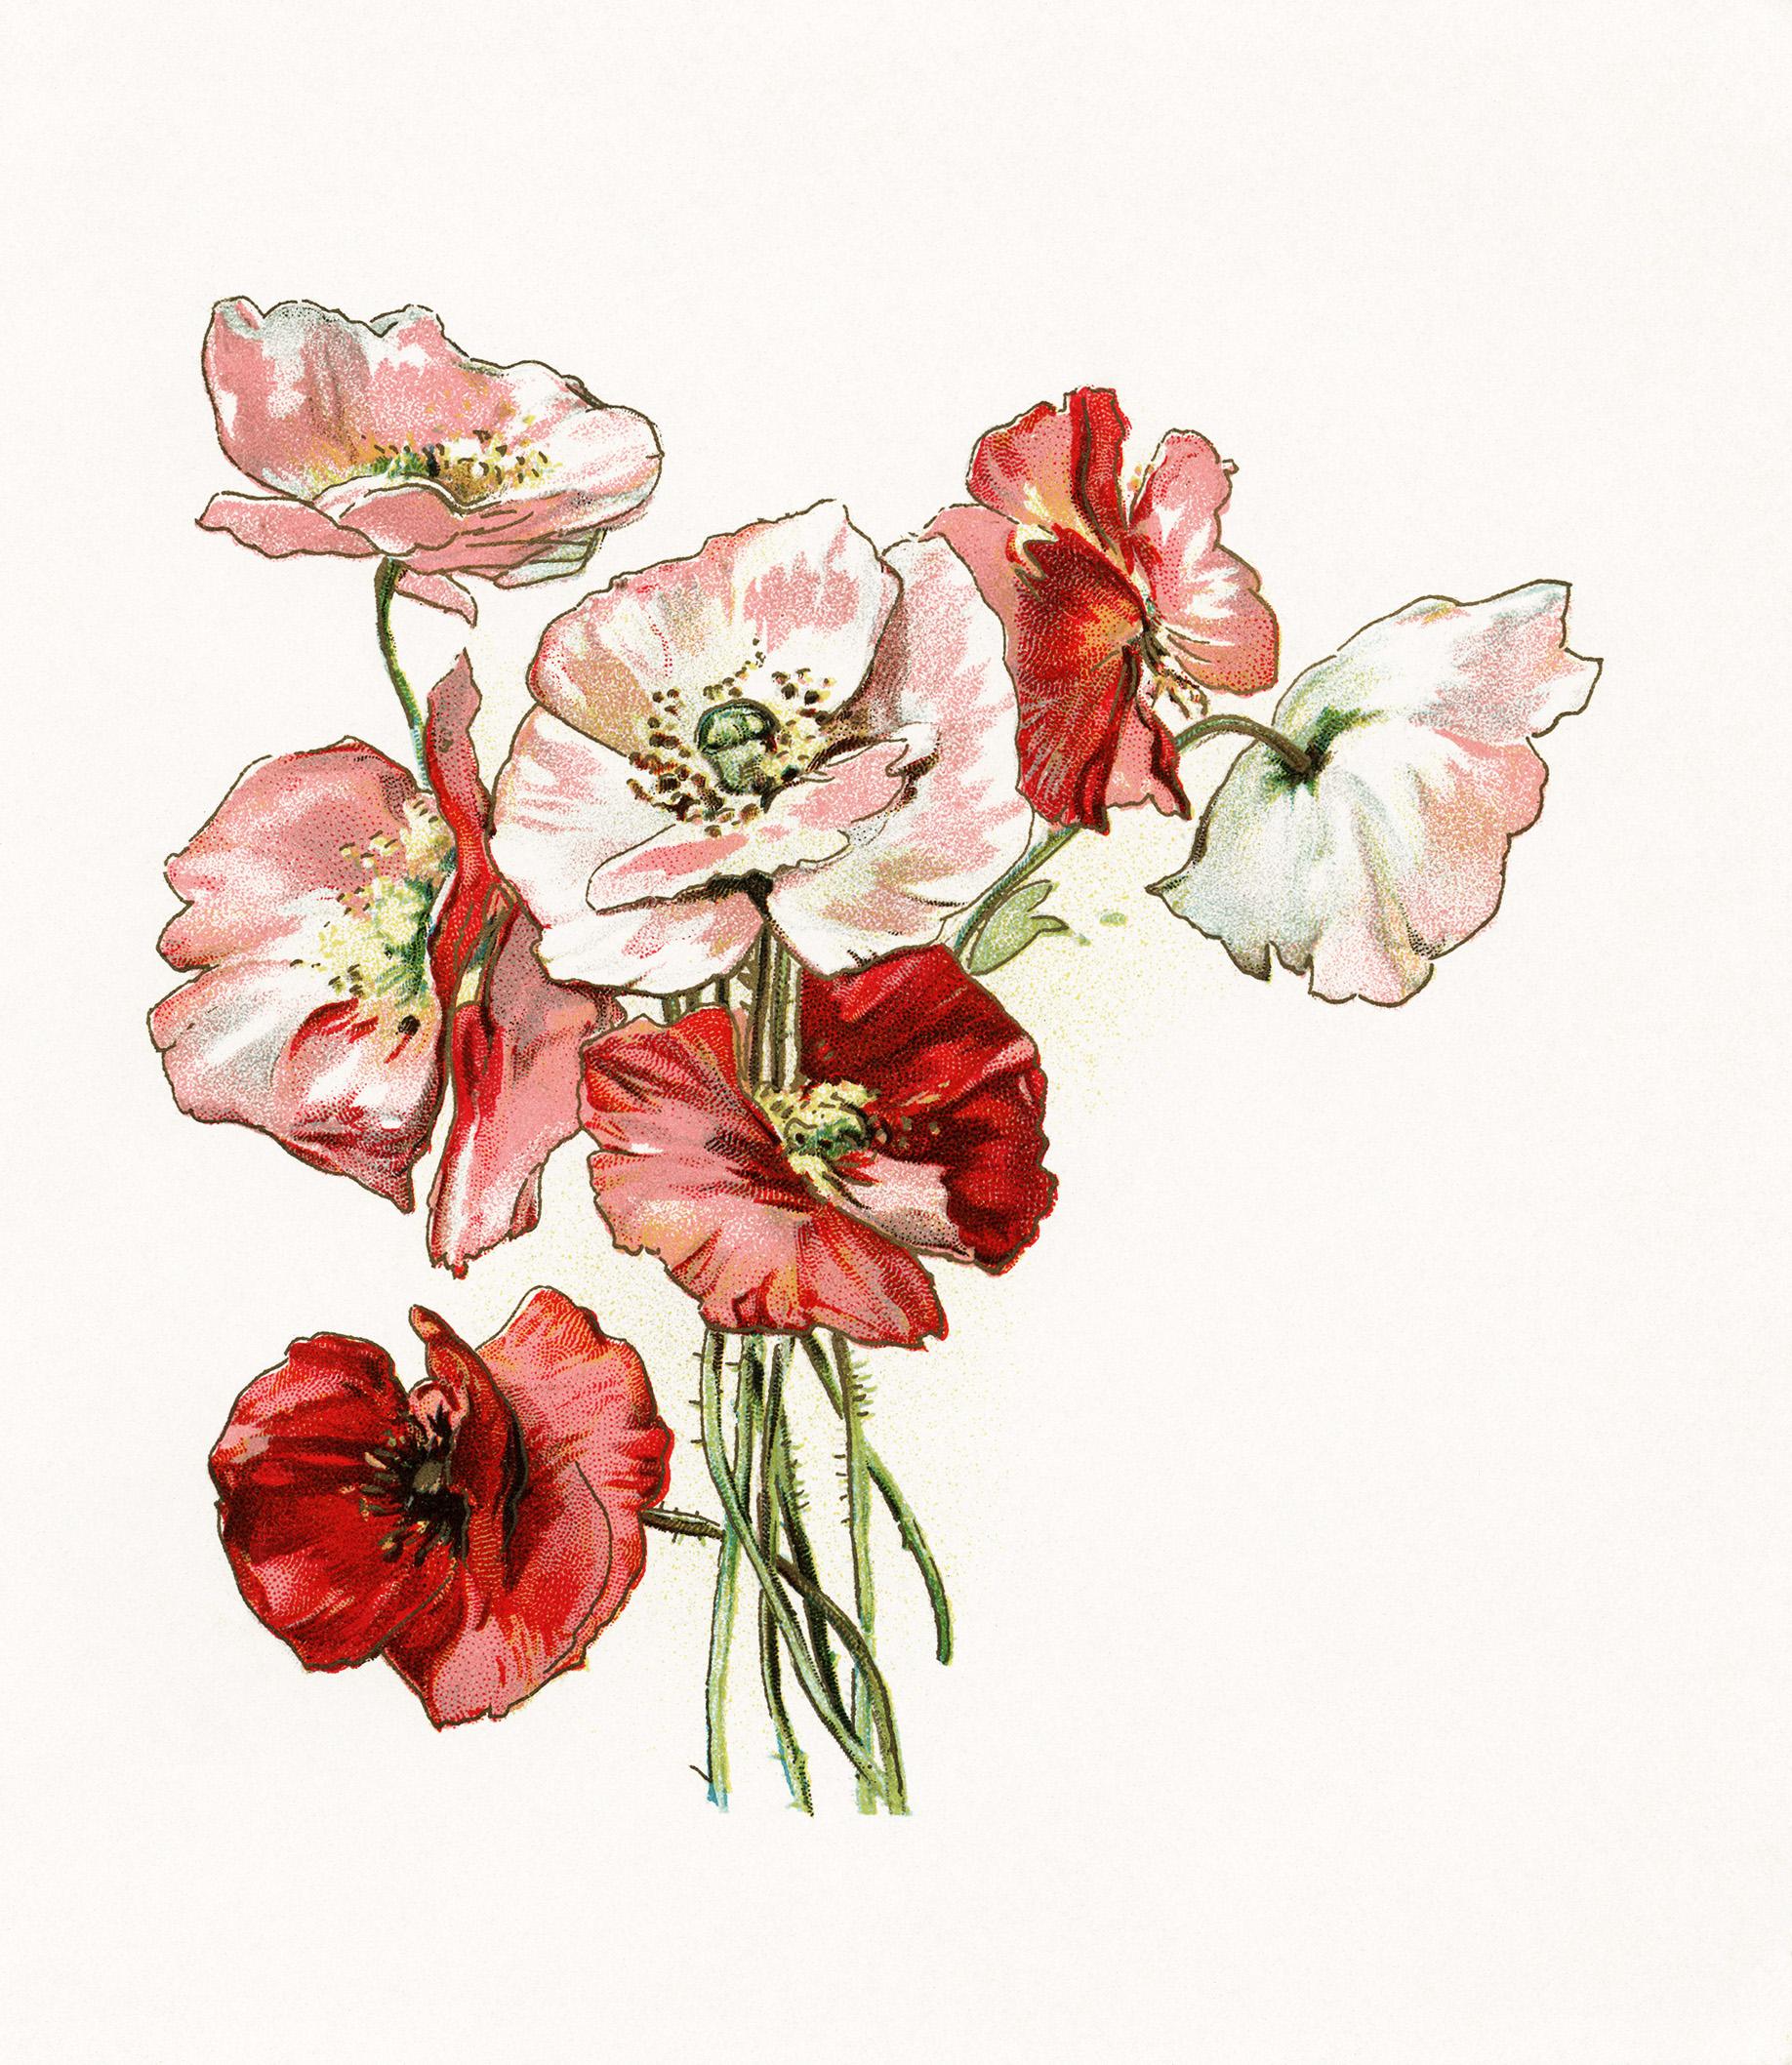 vintage floral illustration - Download Free Vector Art ...